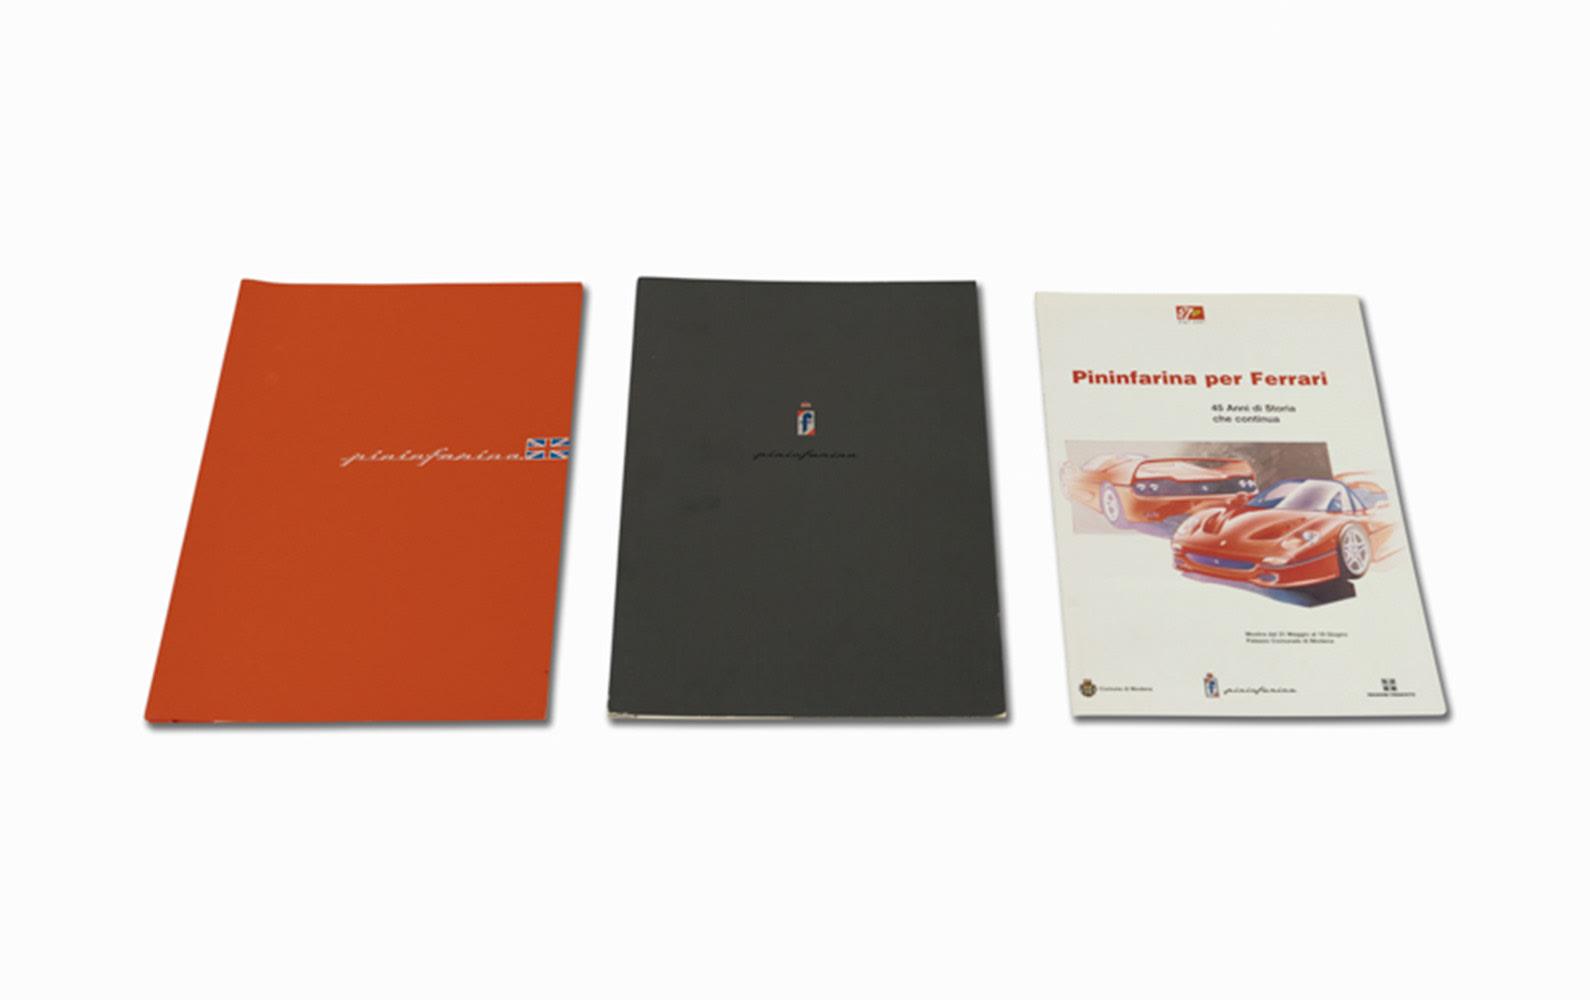 Pininfarina Press Kits